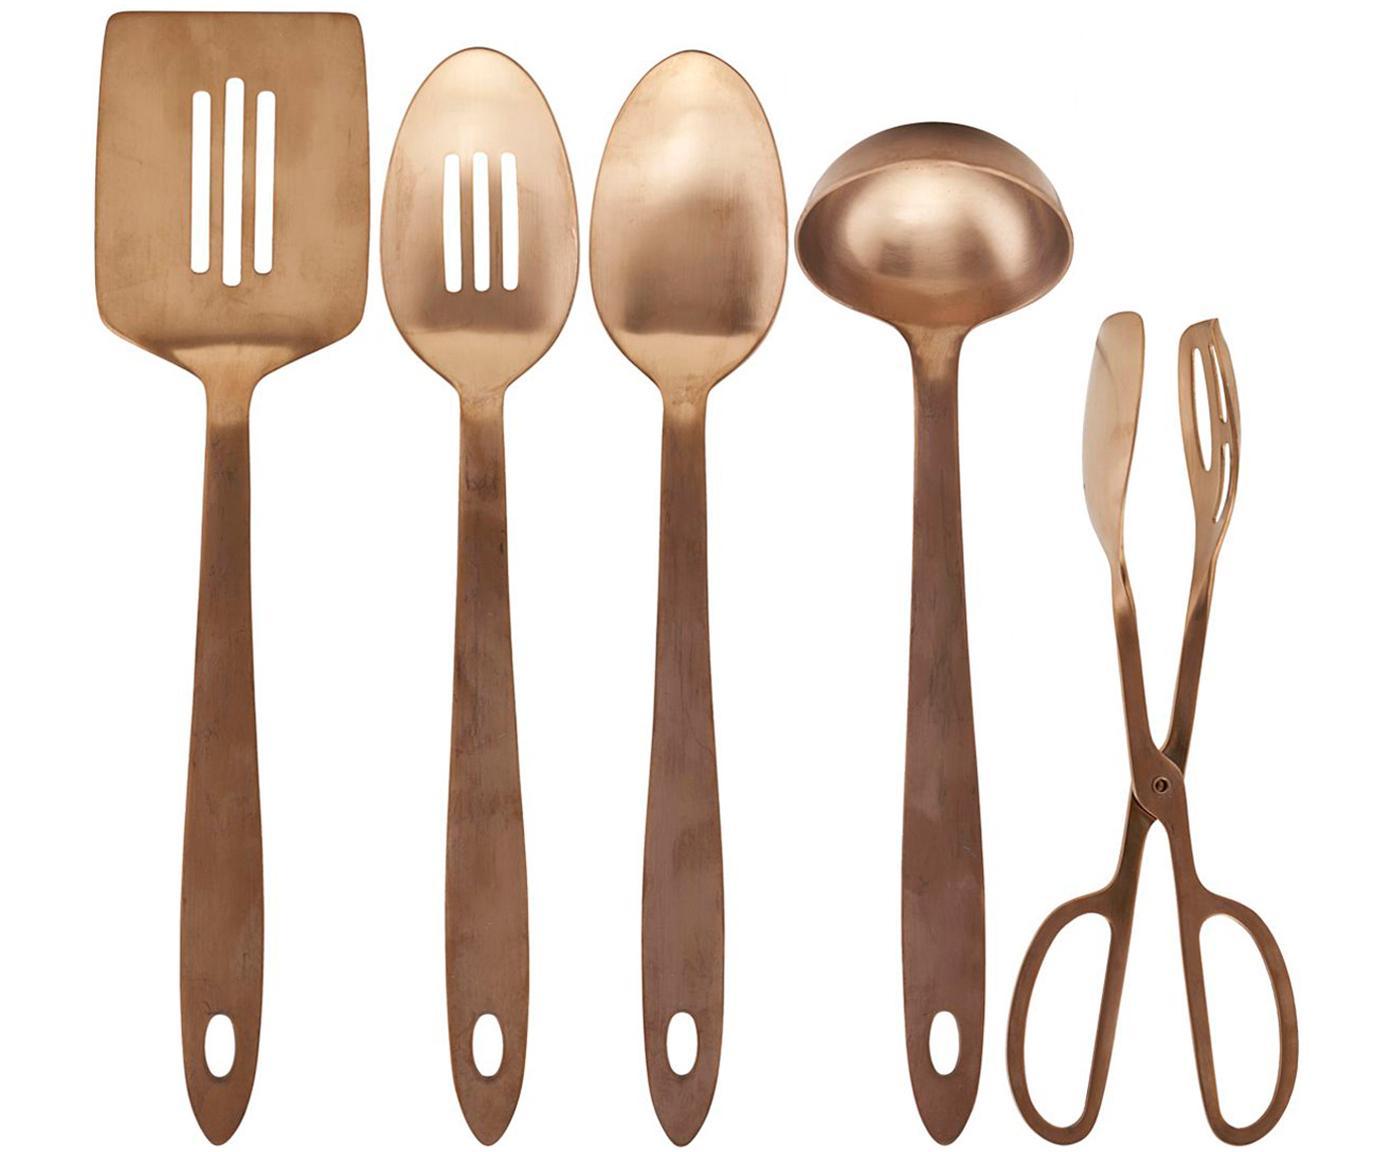 Set de utensilios de cocina Take, 5pzas., Acero inoxidable, Cobre, Tamaños diferentes